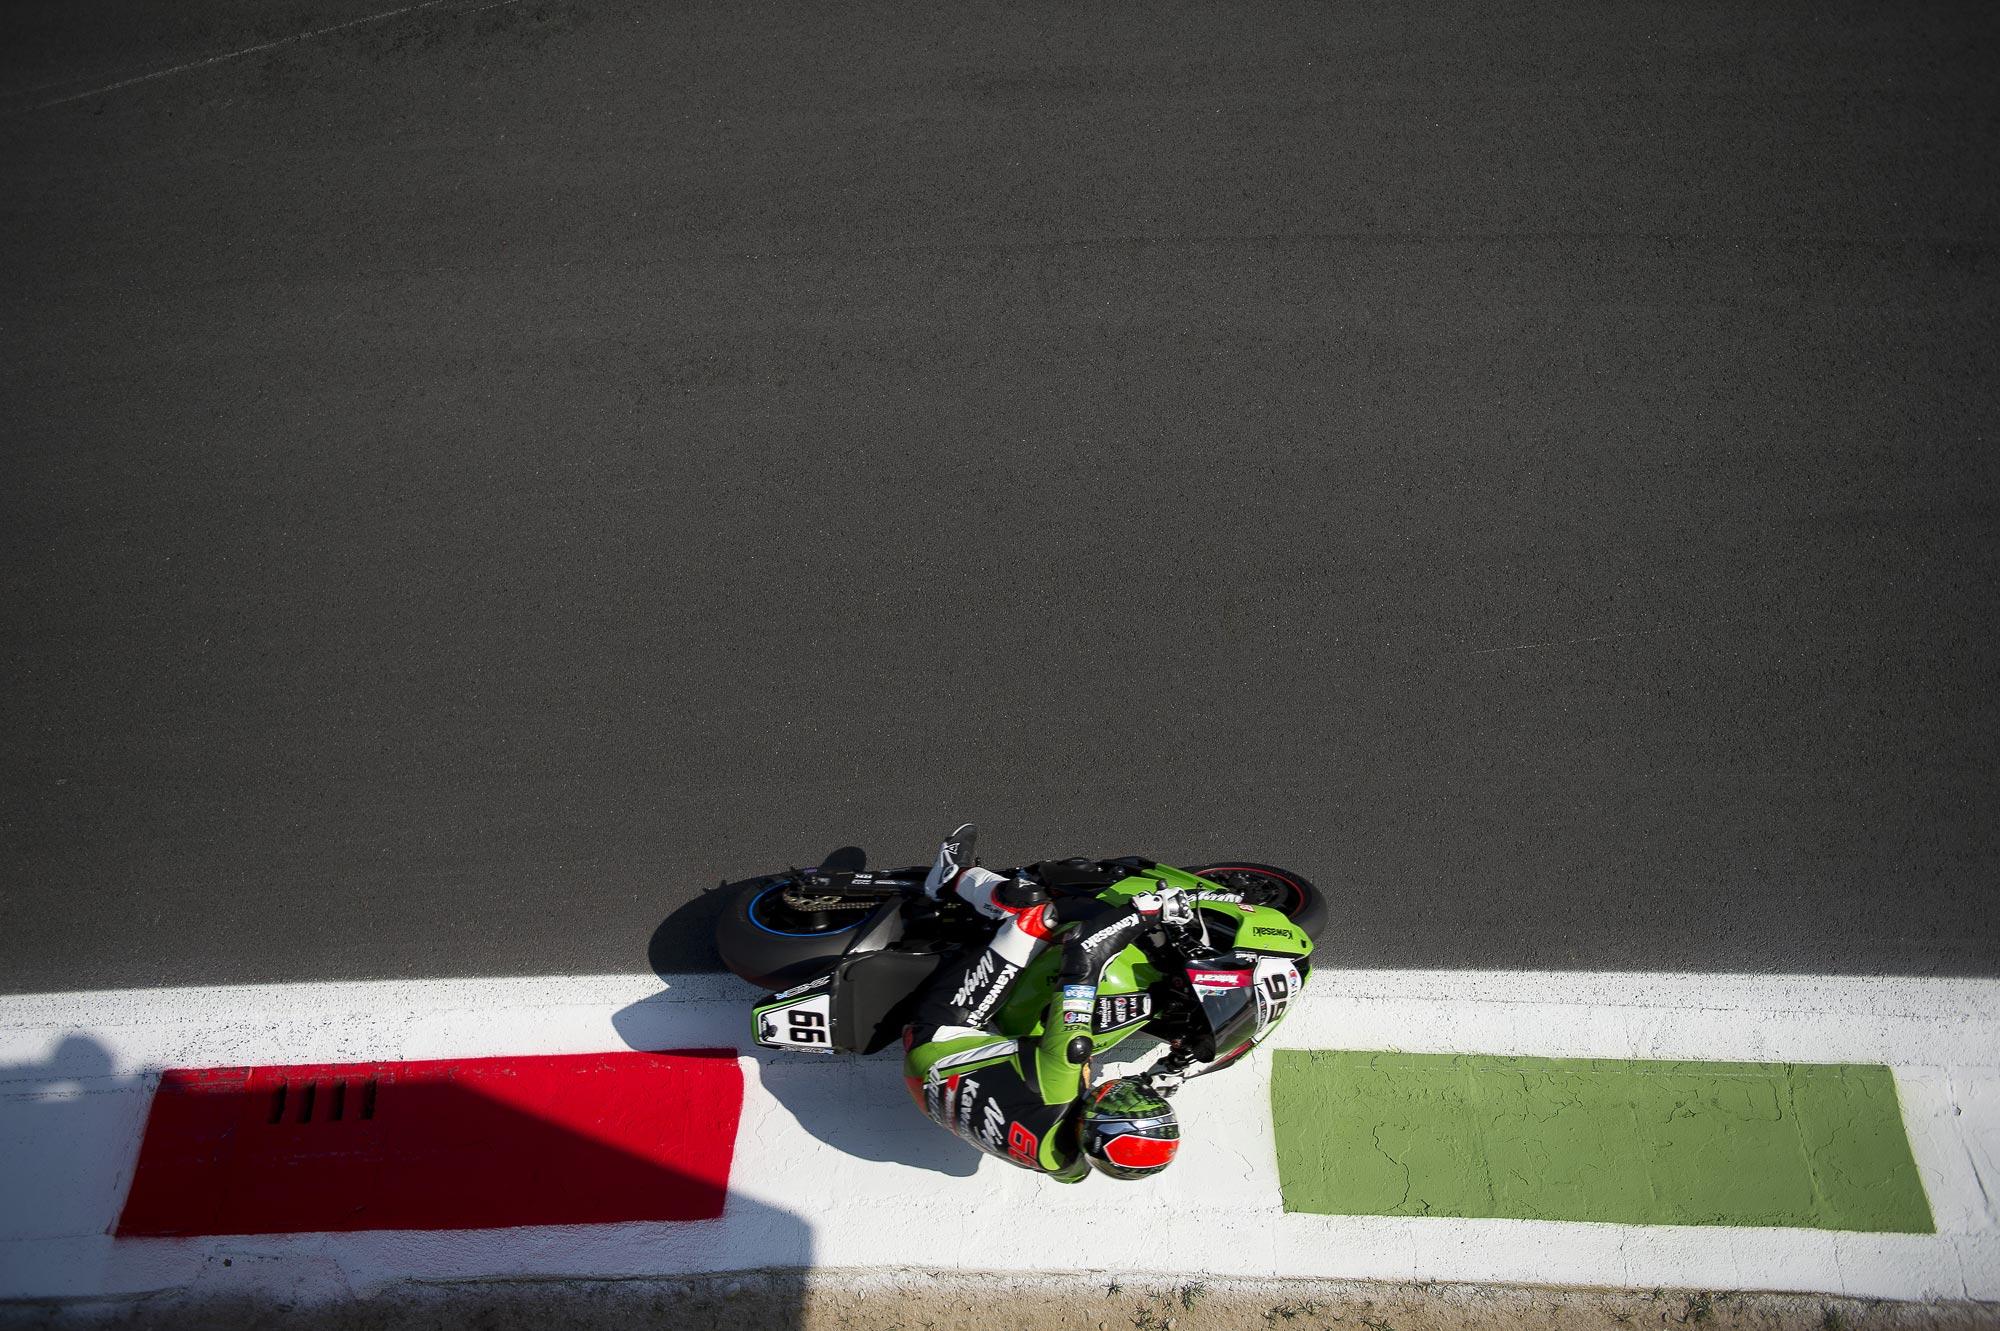 2012SBK_Tom-Sykes-Monza-WSBK.jpg